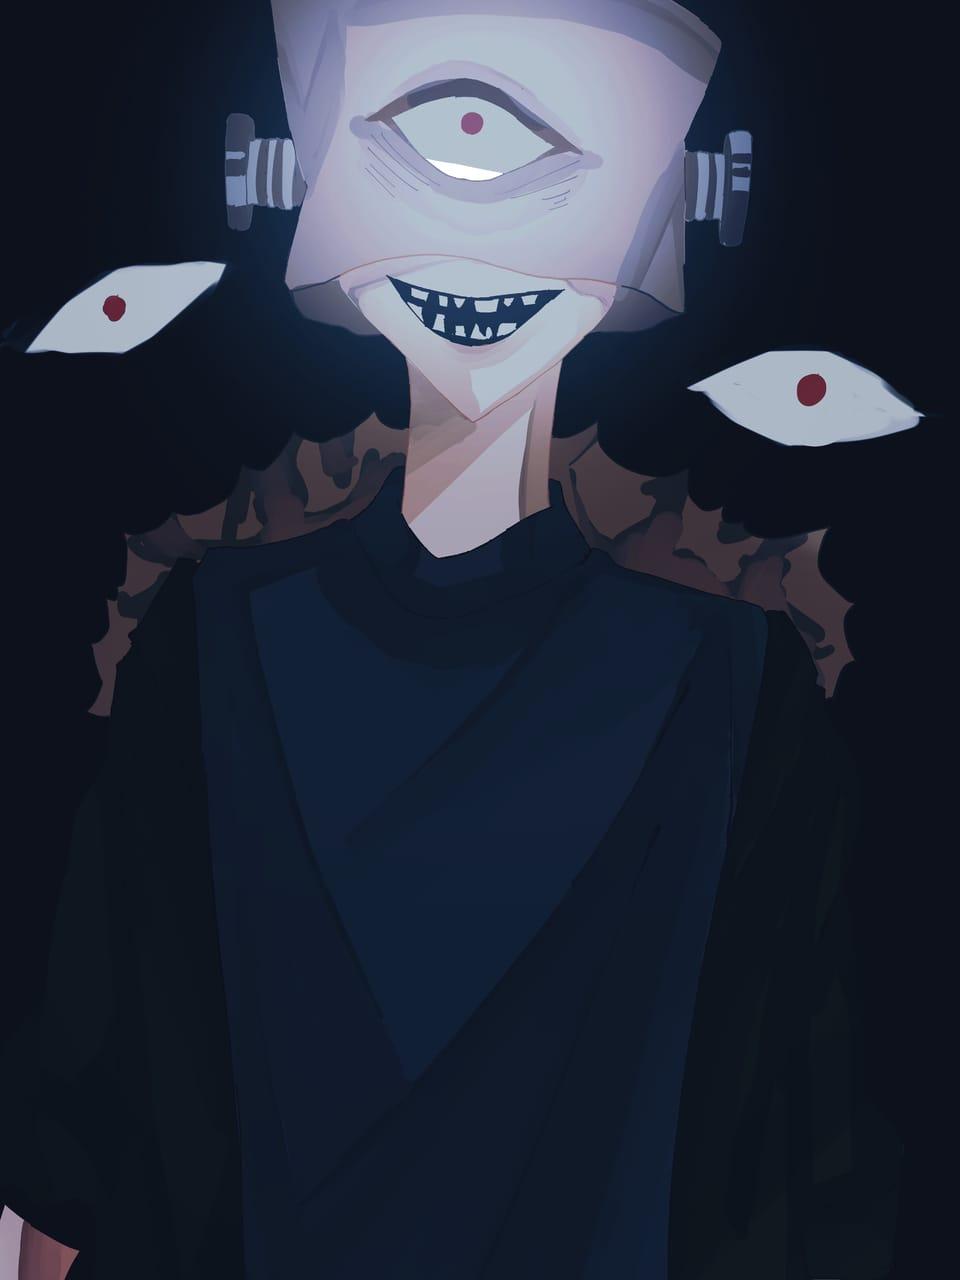 無題 Illust of おみそ#田舎同盟 boy CLIPSTUDIOPAINT 紙袋 eyes oc illustration 厨二病 black